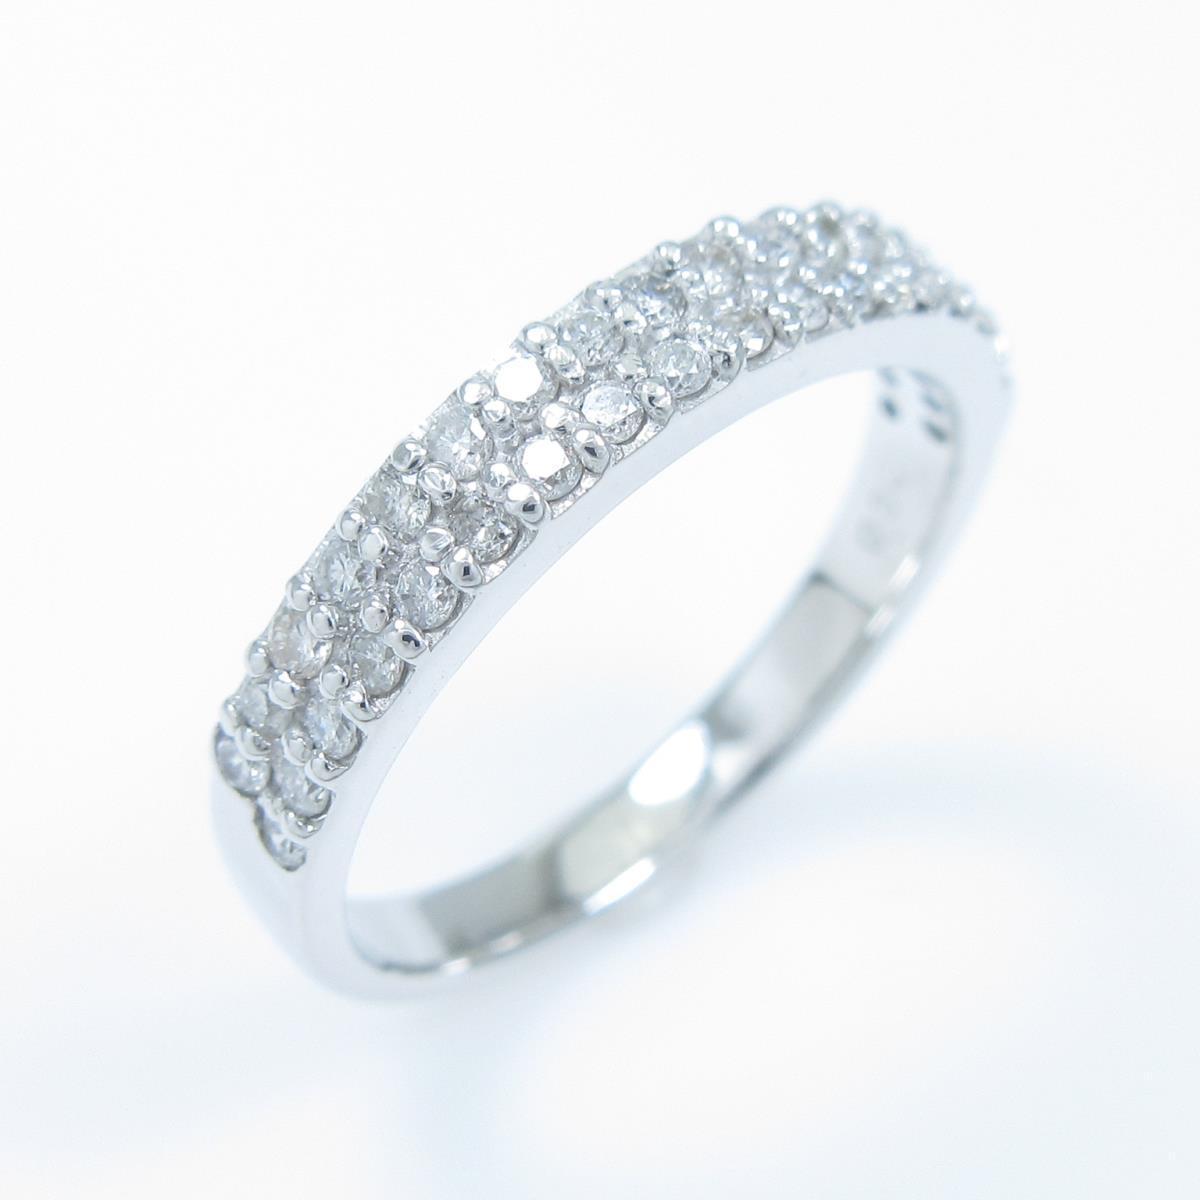 K18WG K18WG ハーフエタニティ ダイヤモンドリング【中古】, ケロポンズ公式ショップ:c03e7a19 --- m2cweb.com